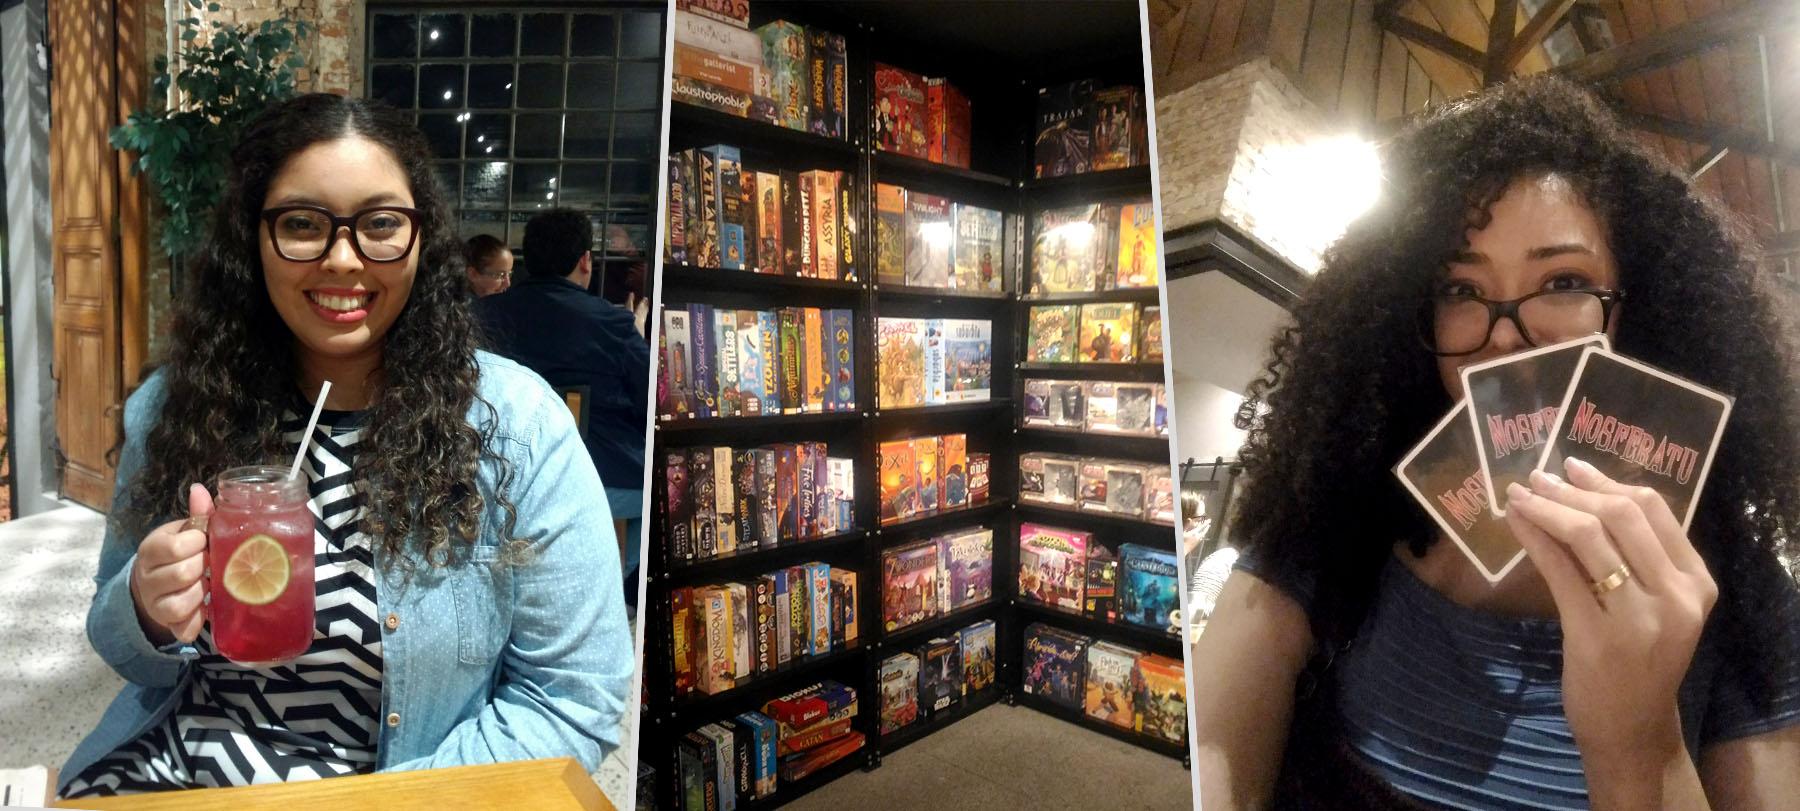 Fim-de-semana-em-São-Paulo-bar-encounter-jogo-nosferatu